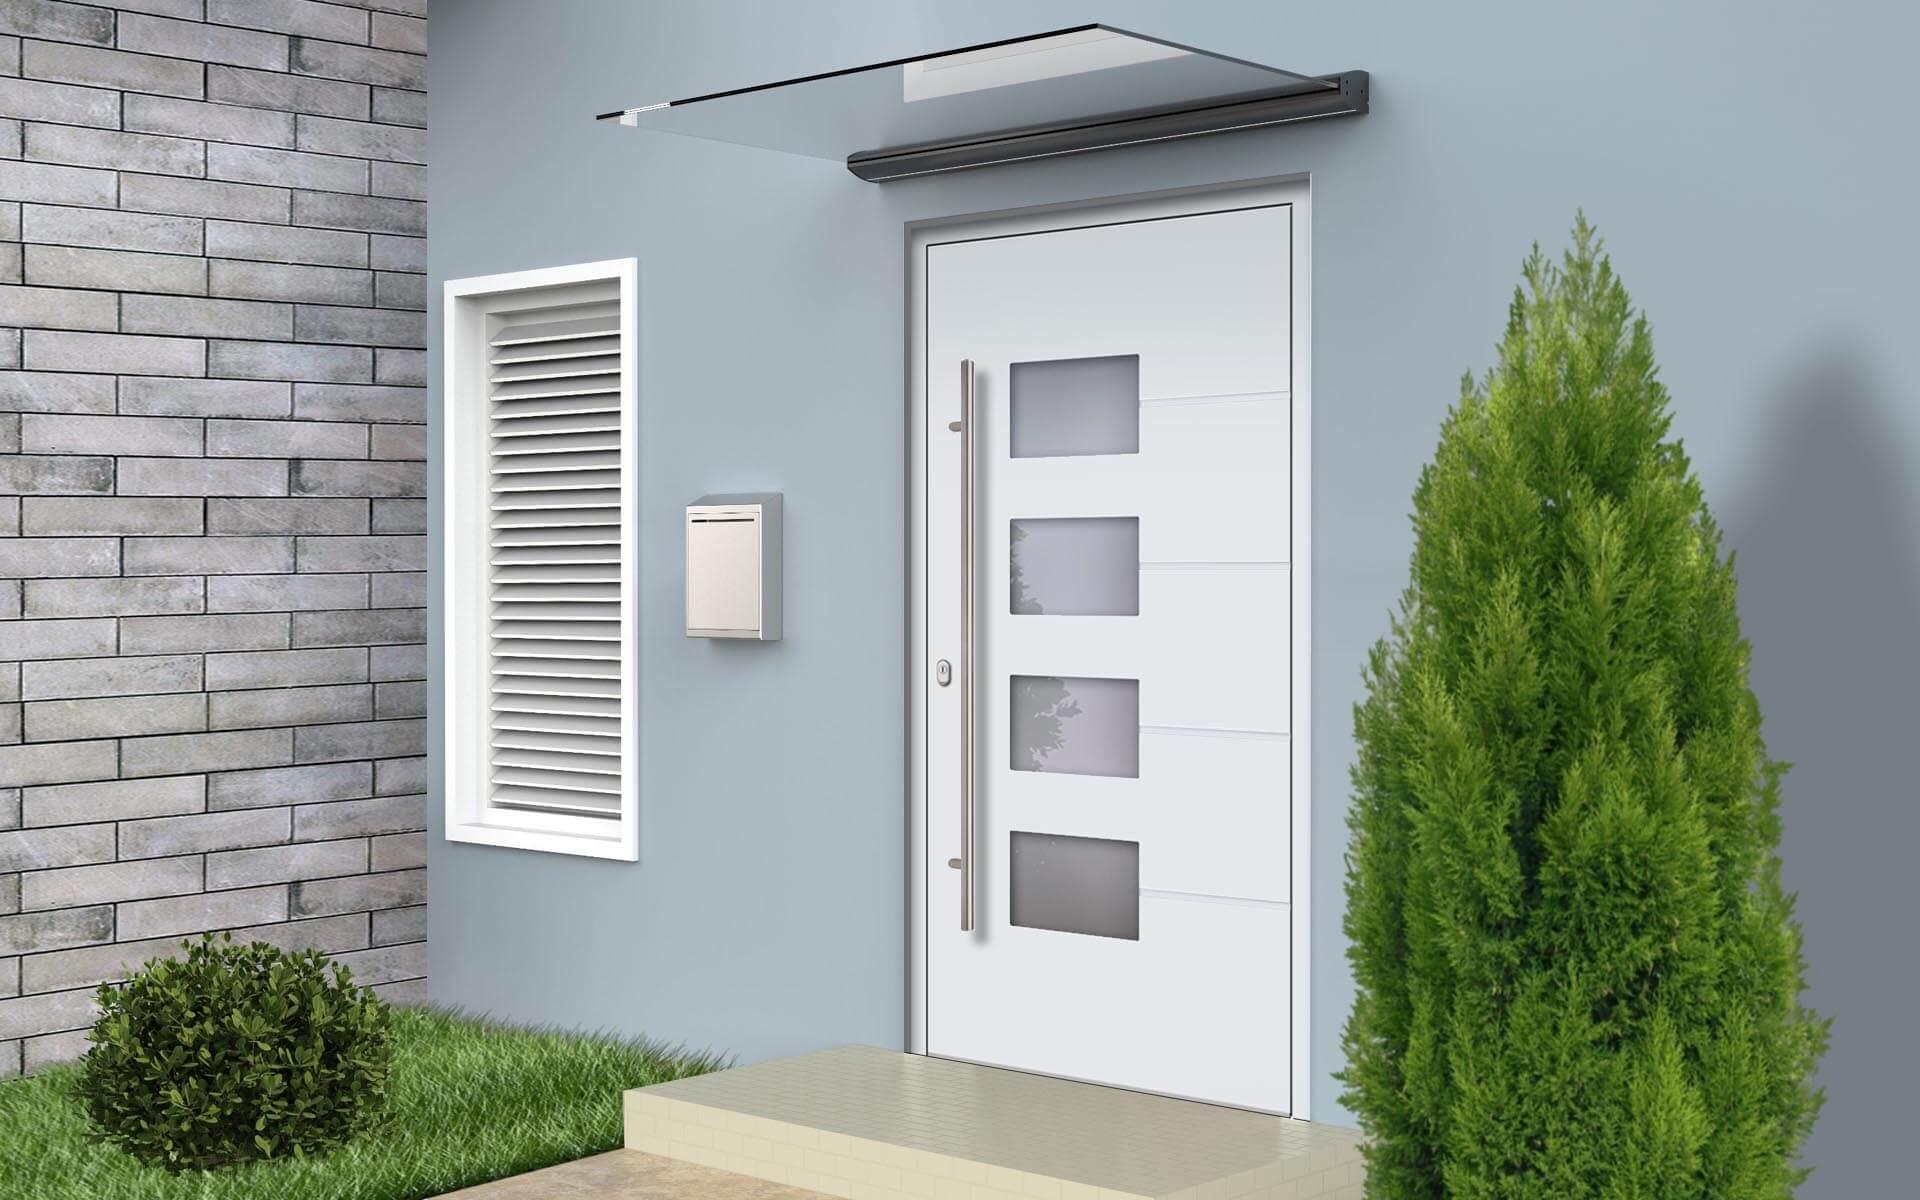 Sklenená strieška nad hliníkovými vchodovými dverami AVF-798 vo farbe biela